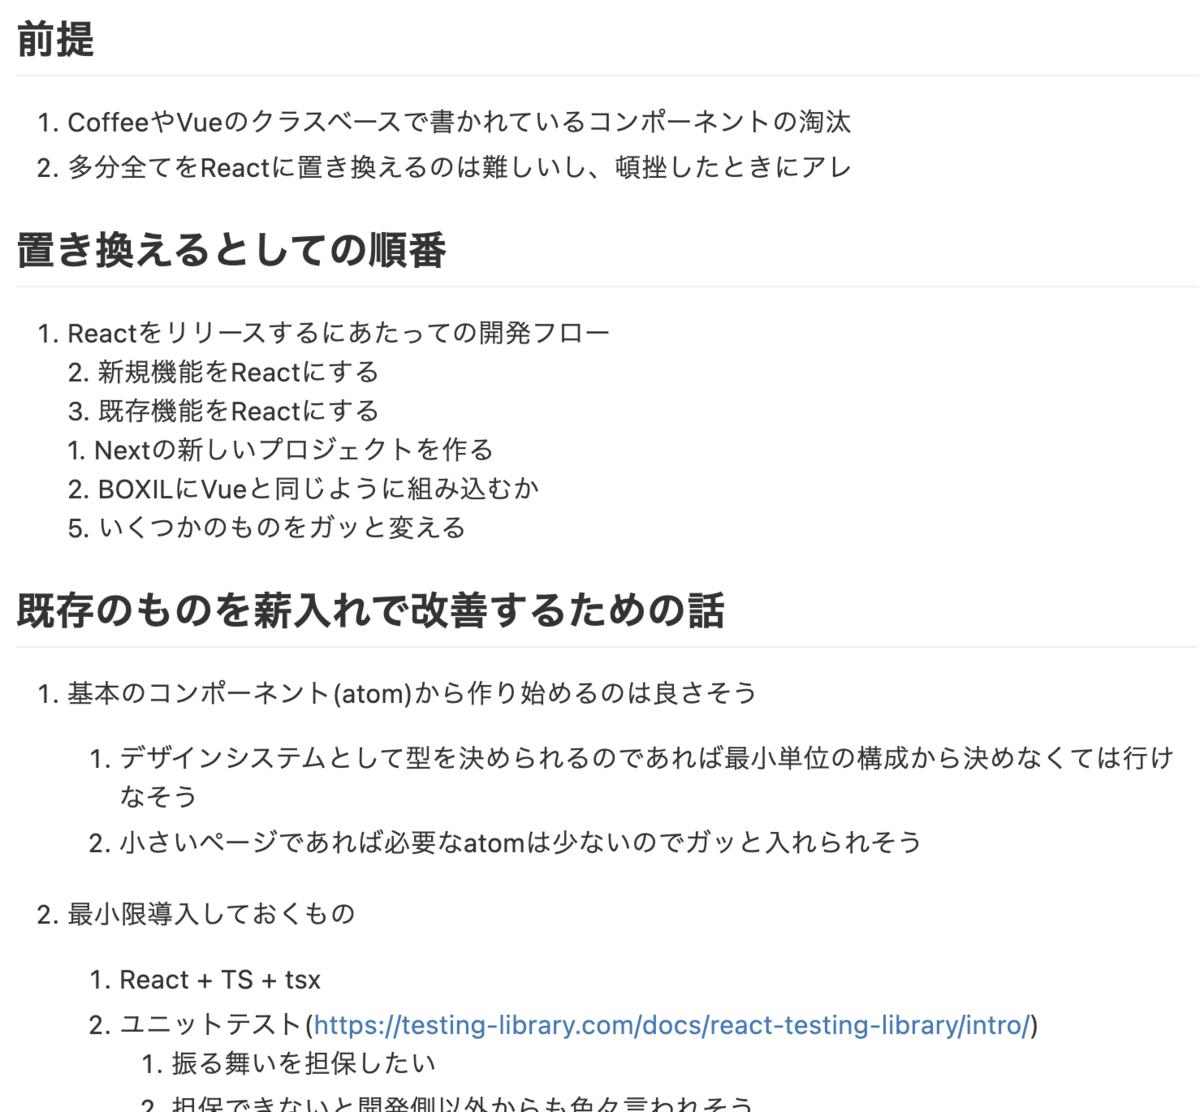 f:id:yoshinaga-iwnl:20210628145918p:plain